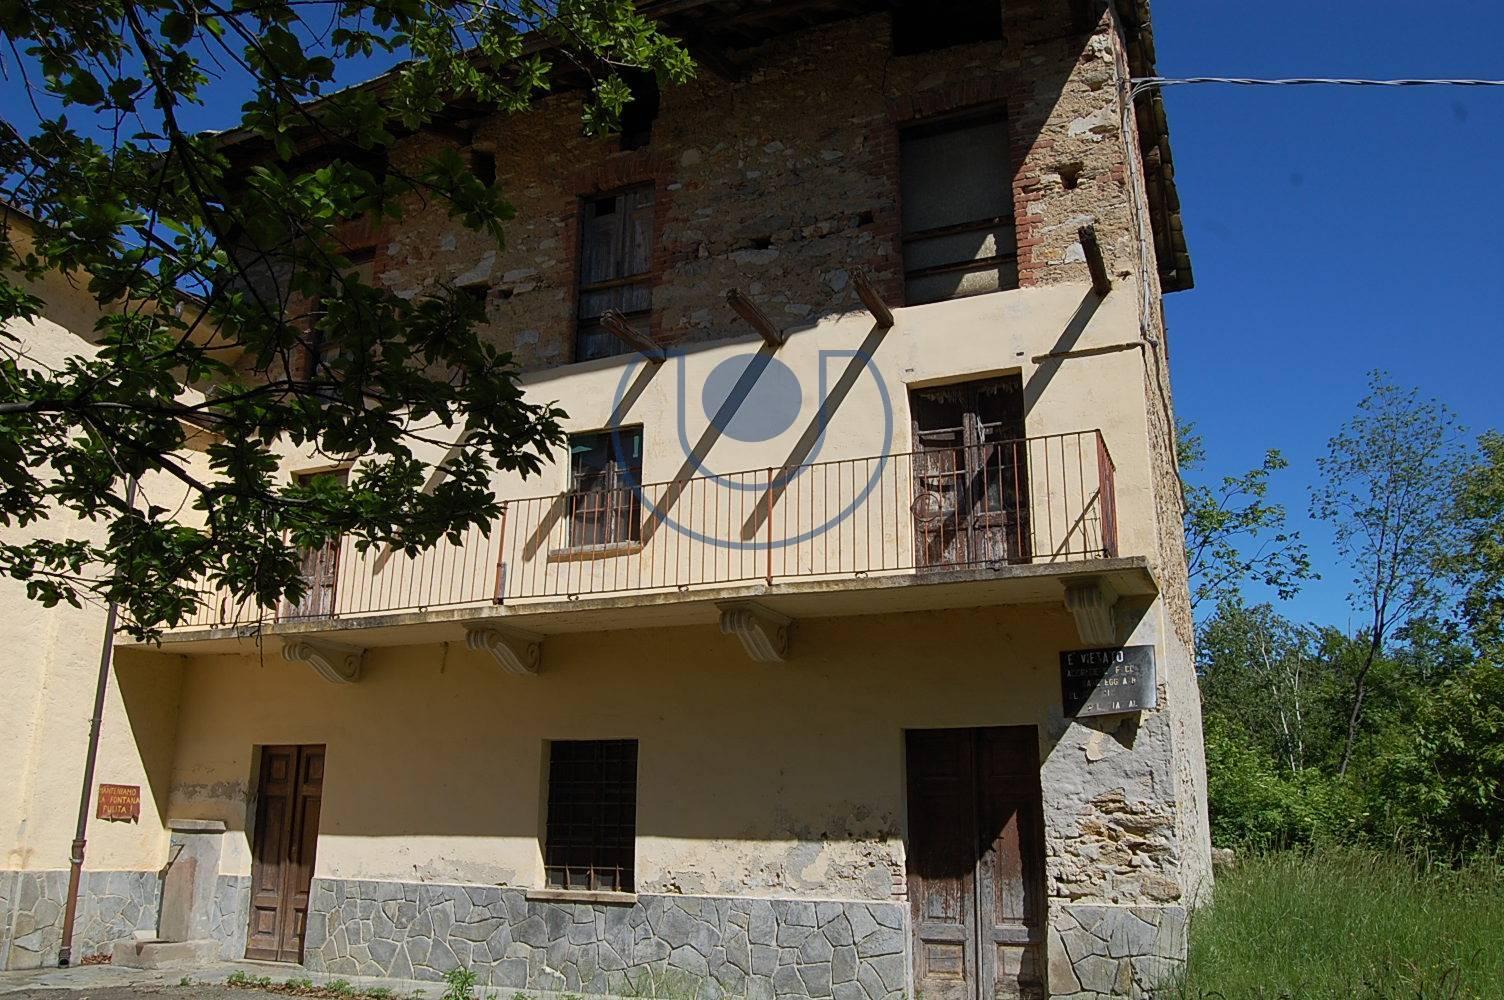 Appartamento in vendita a Giaveno, 4 locali, zona Località: Collinare, prezzo € 29.000 | PortaleAgenzieImmobiliari.it